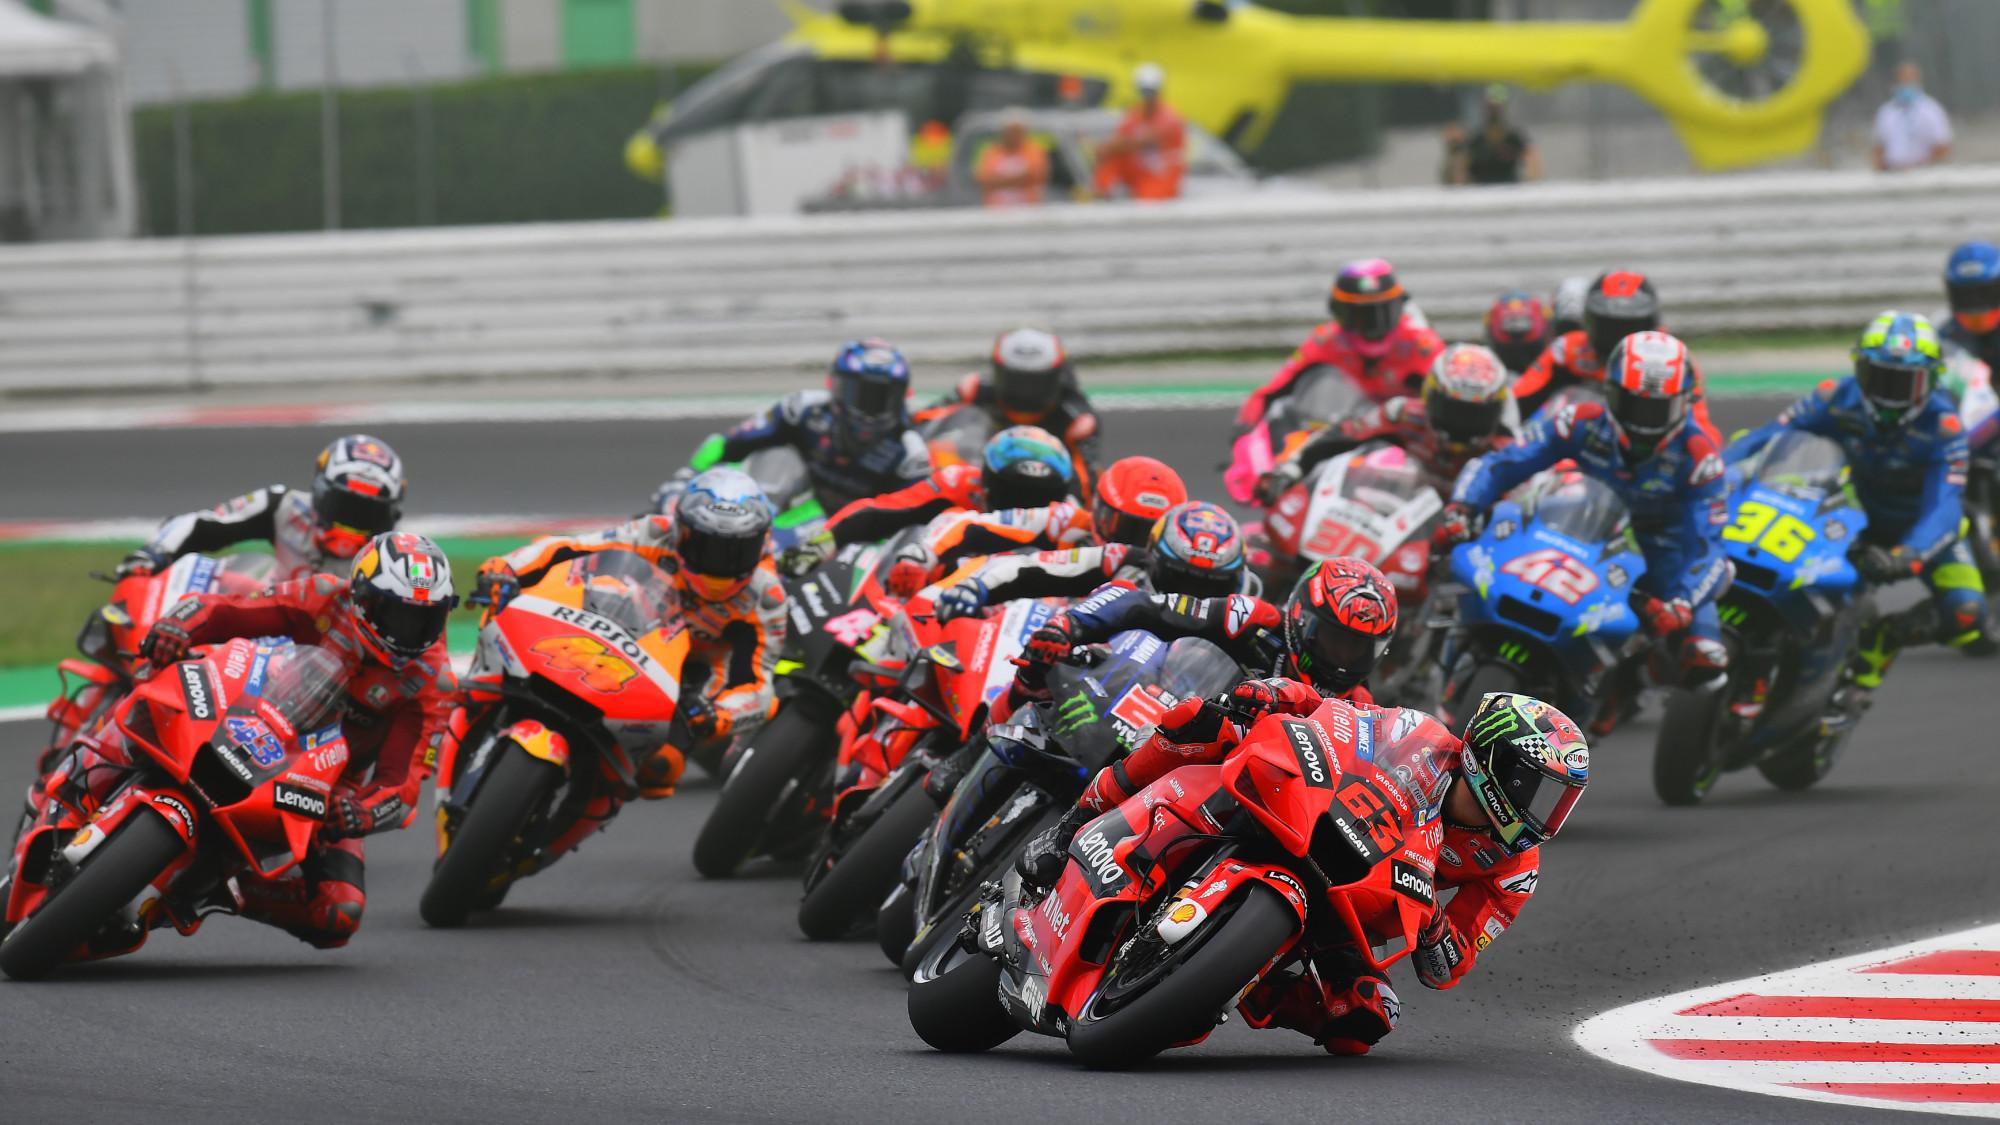 2021 MotoGP Misano lap one